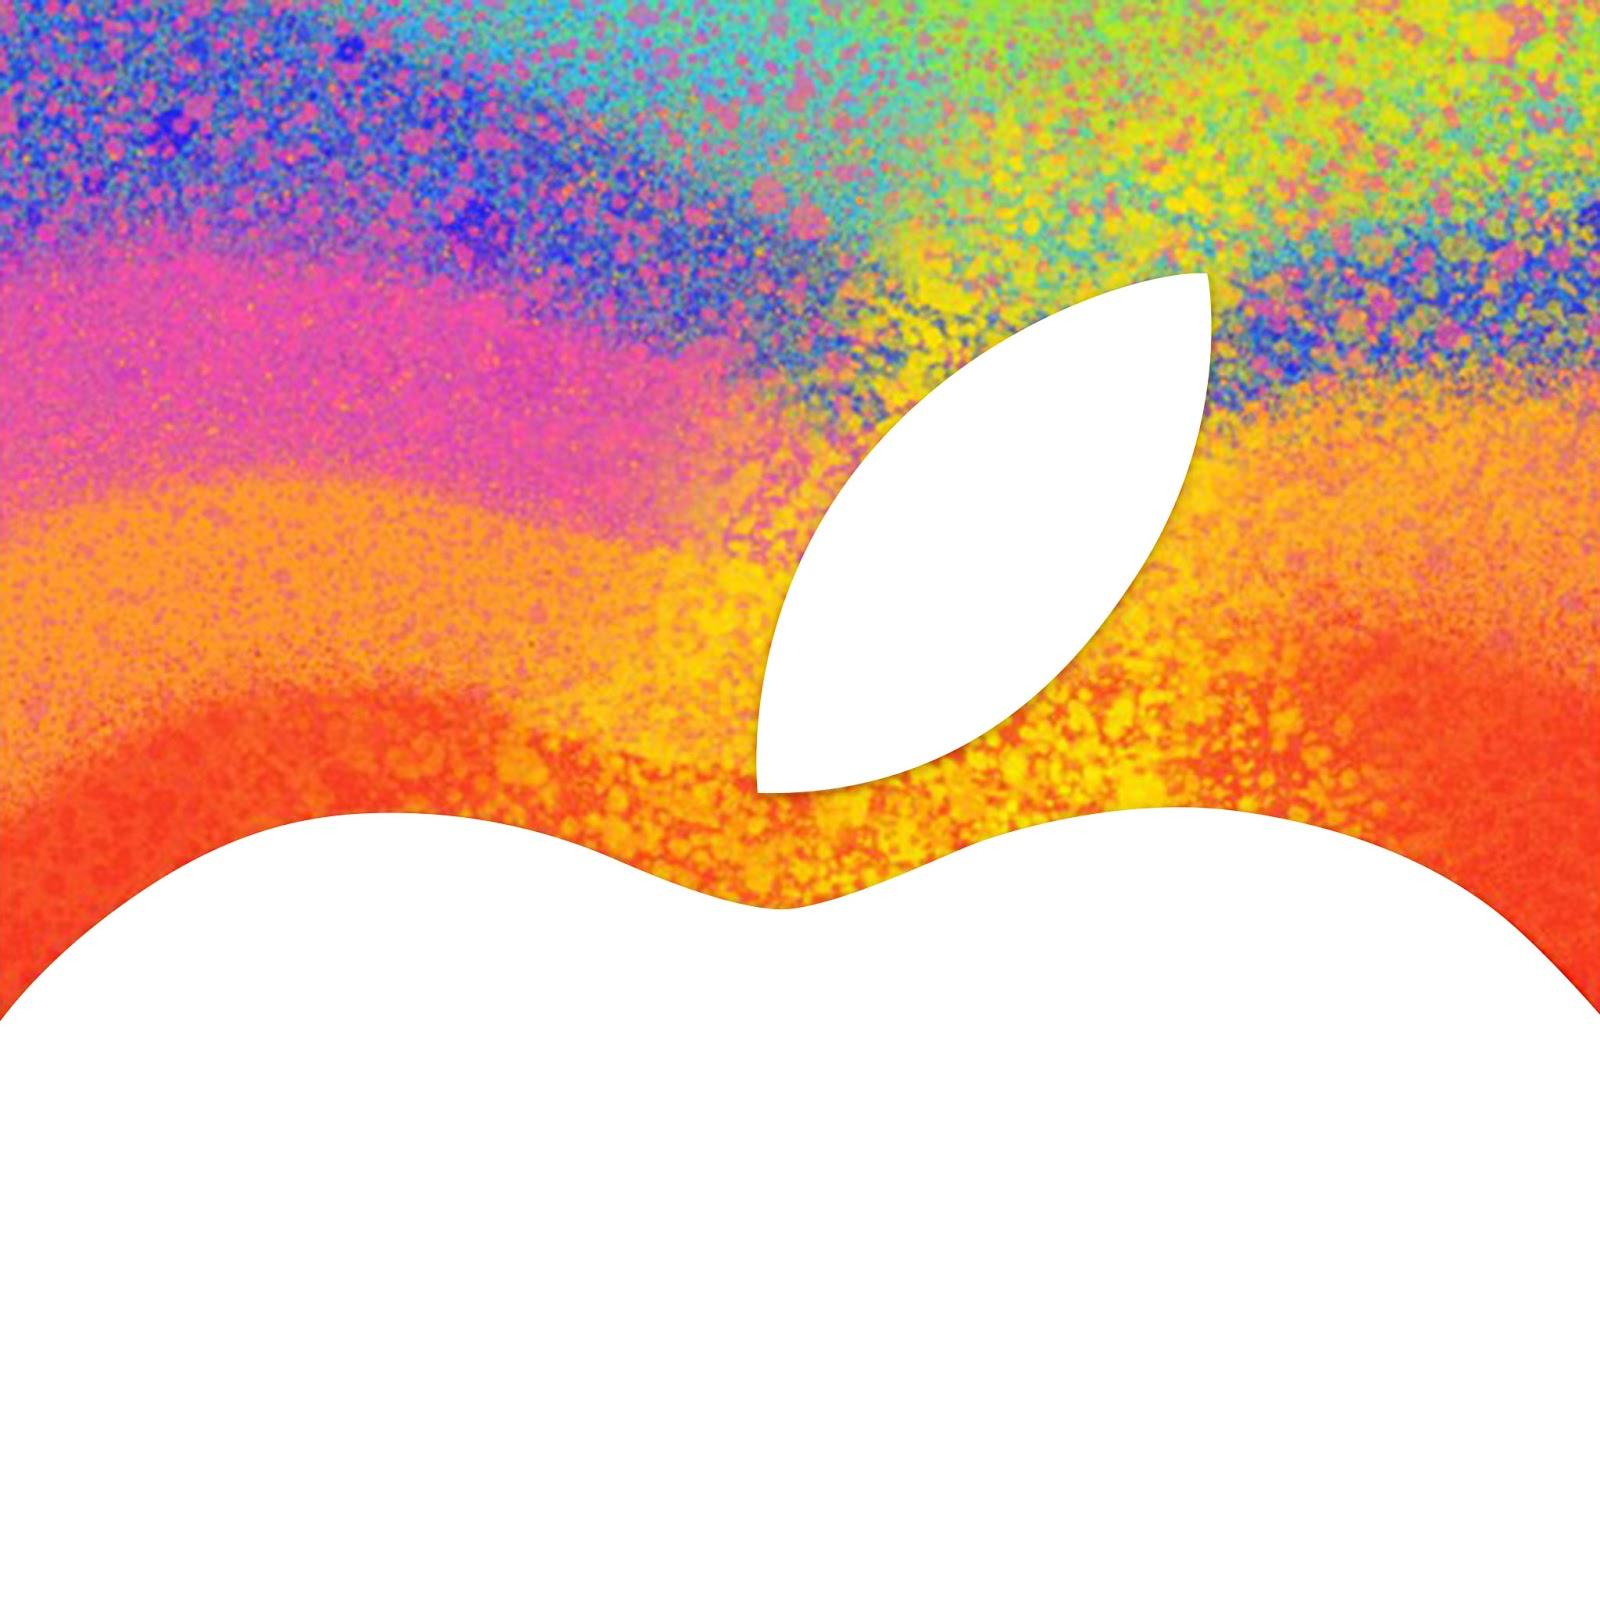 http://2.bp.blogspot.com/-2SJ2UIgwKIs/UIQ2iQZMfCI/AAAAAAAAP4A/5yyhClX3sv8/s1600/apple_ipad_mini_event_retina_imore_wallpaper.jpeg